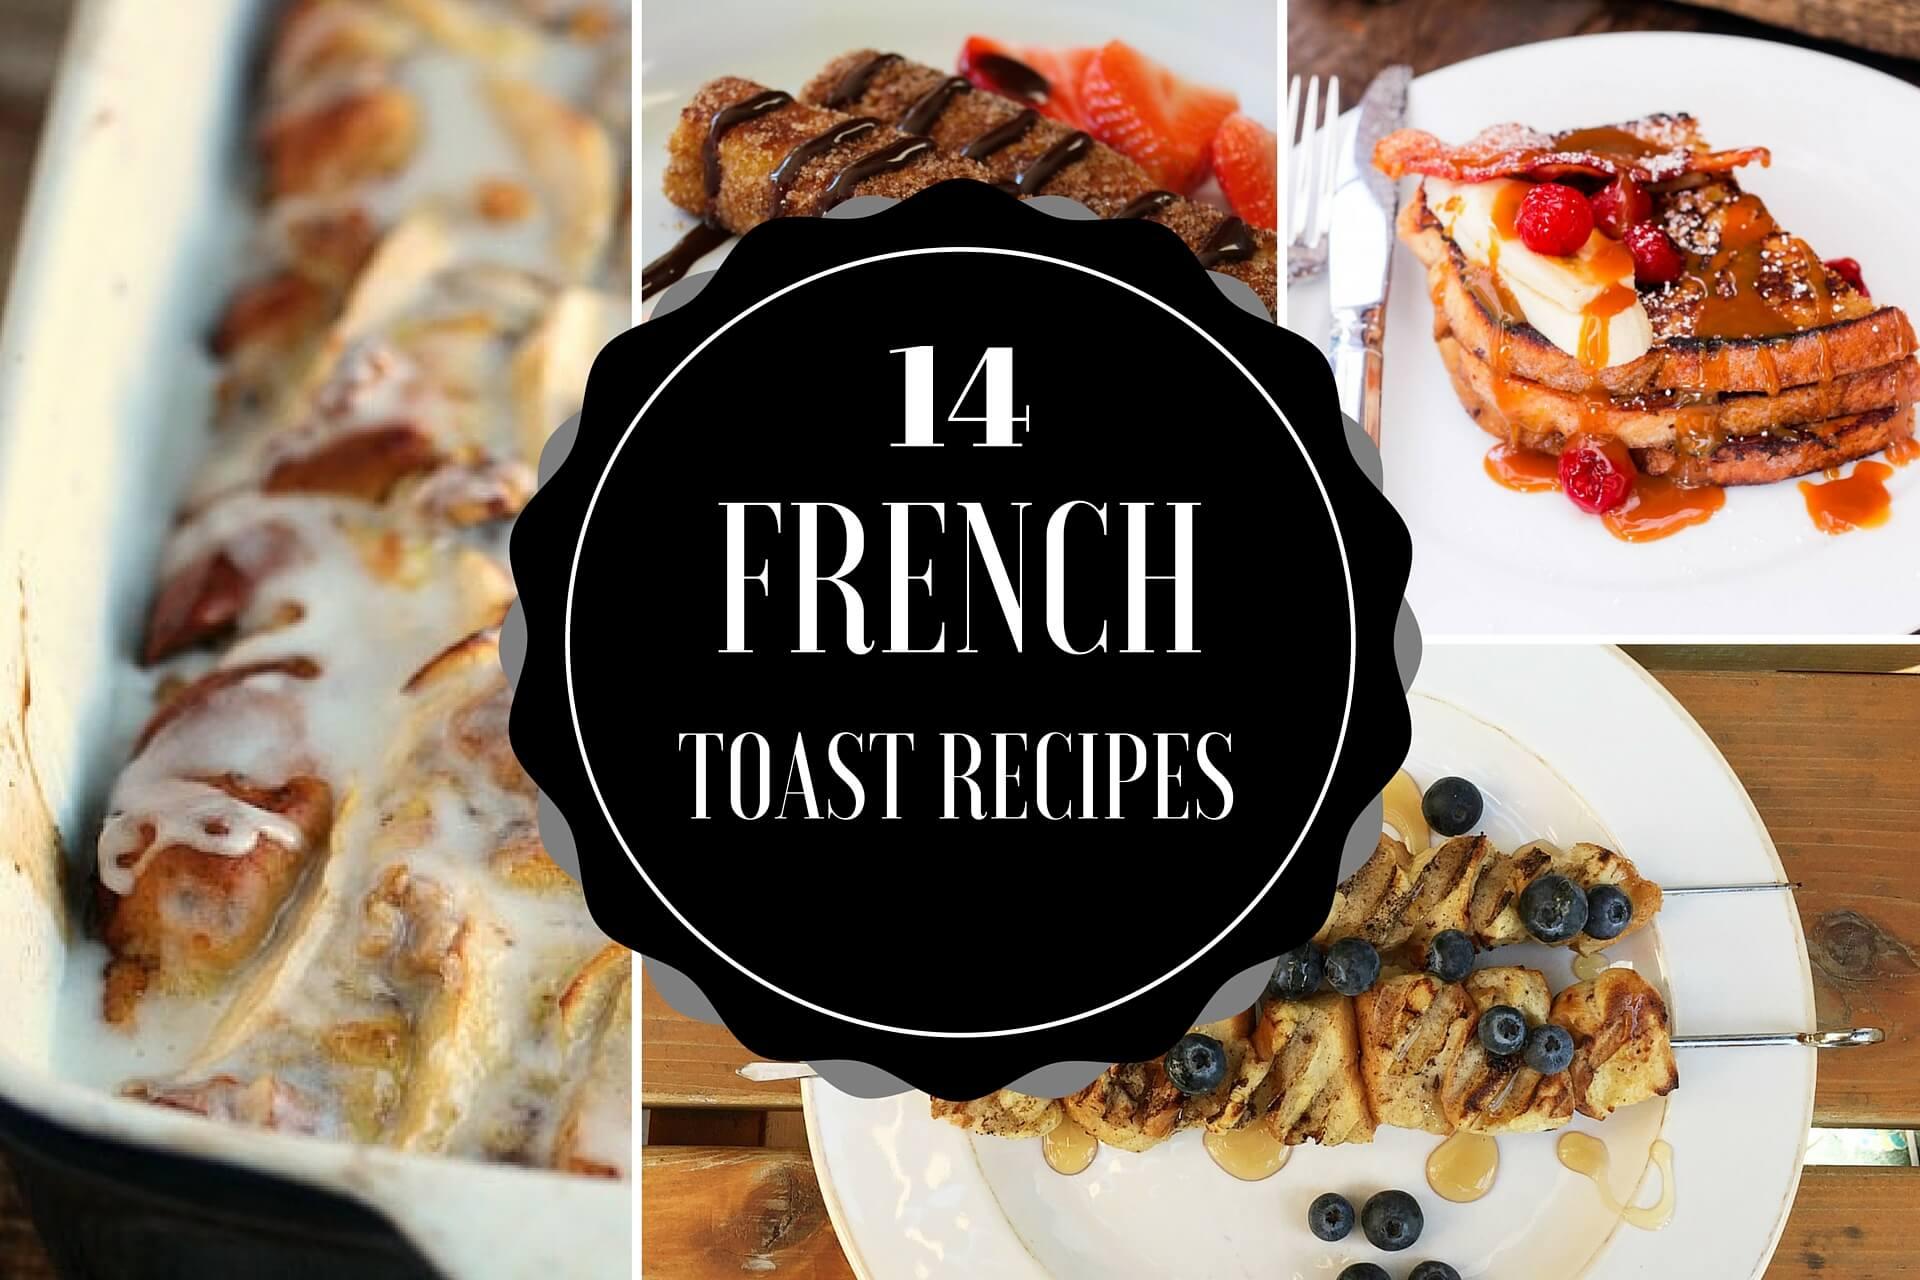 14 French Toast Recipes